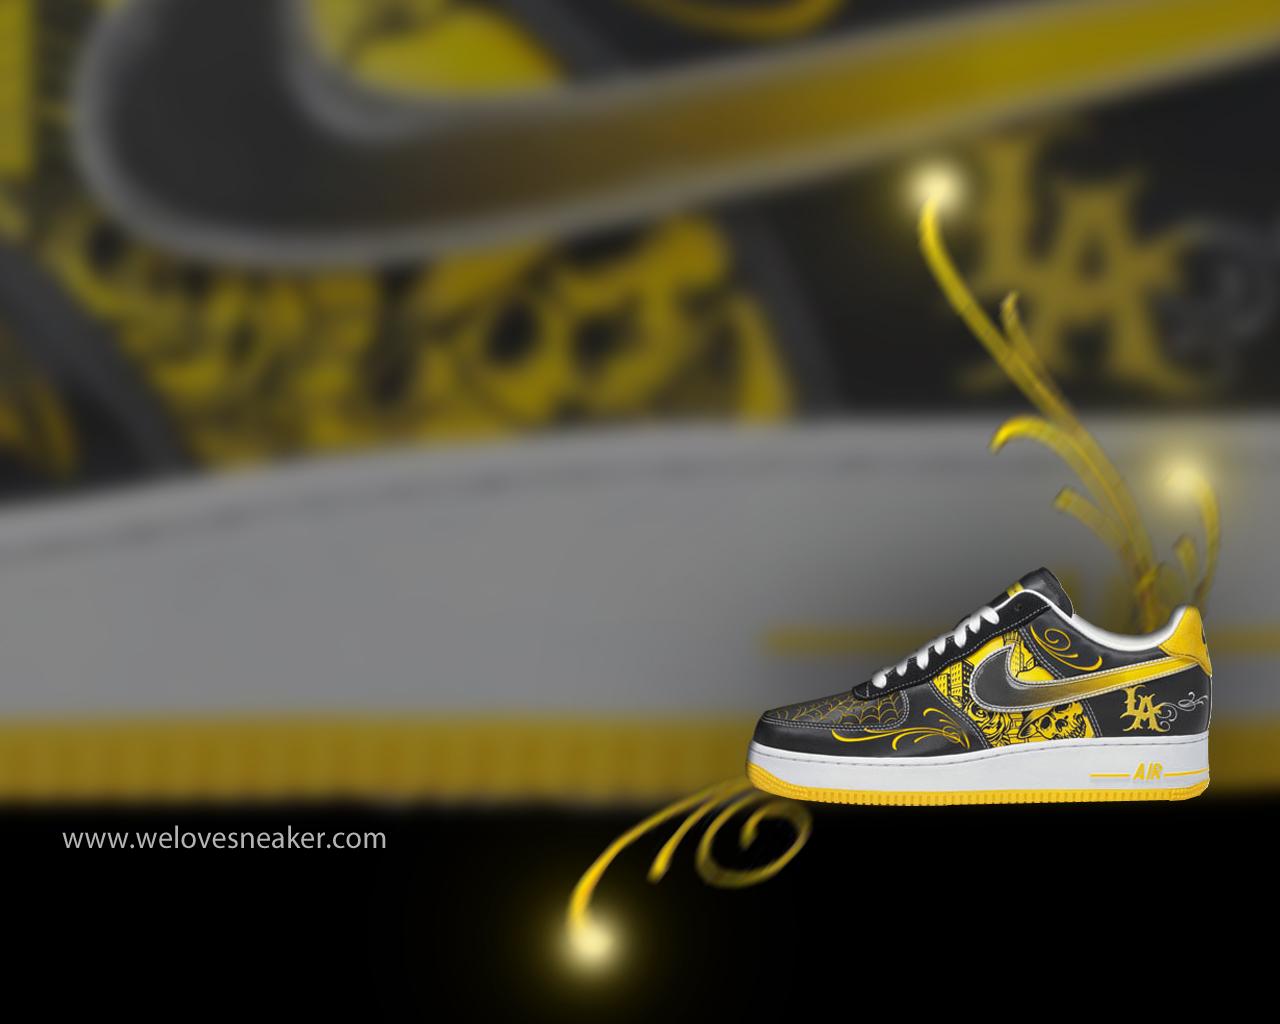 Nike Sneaker Wallpaper